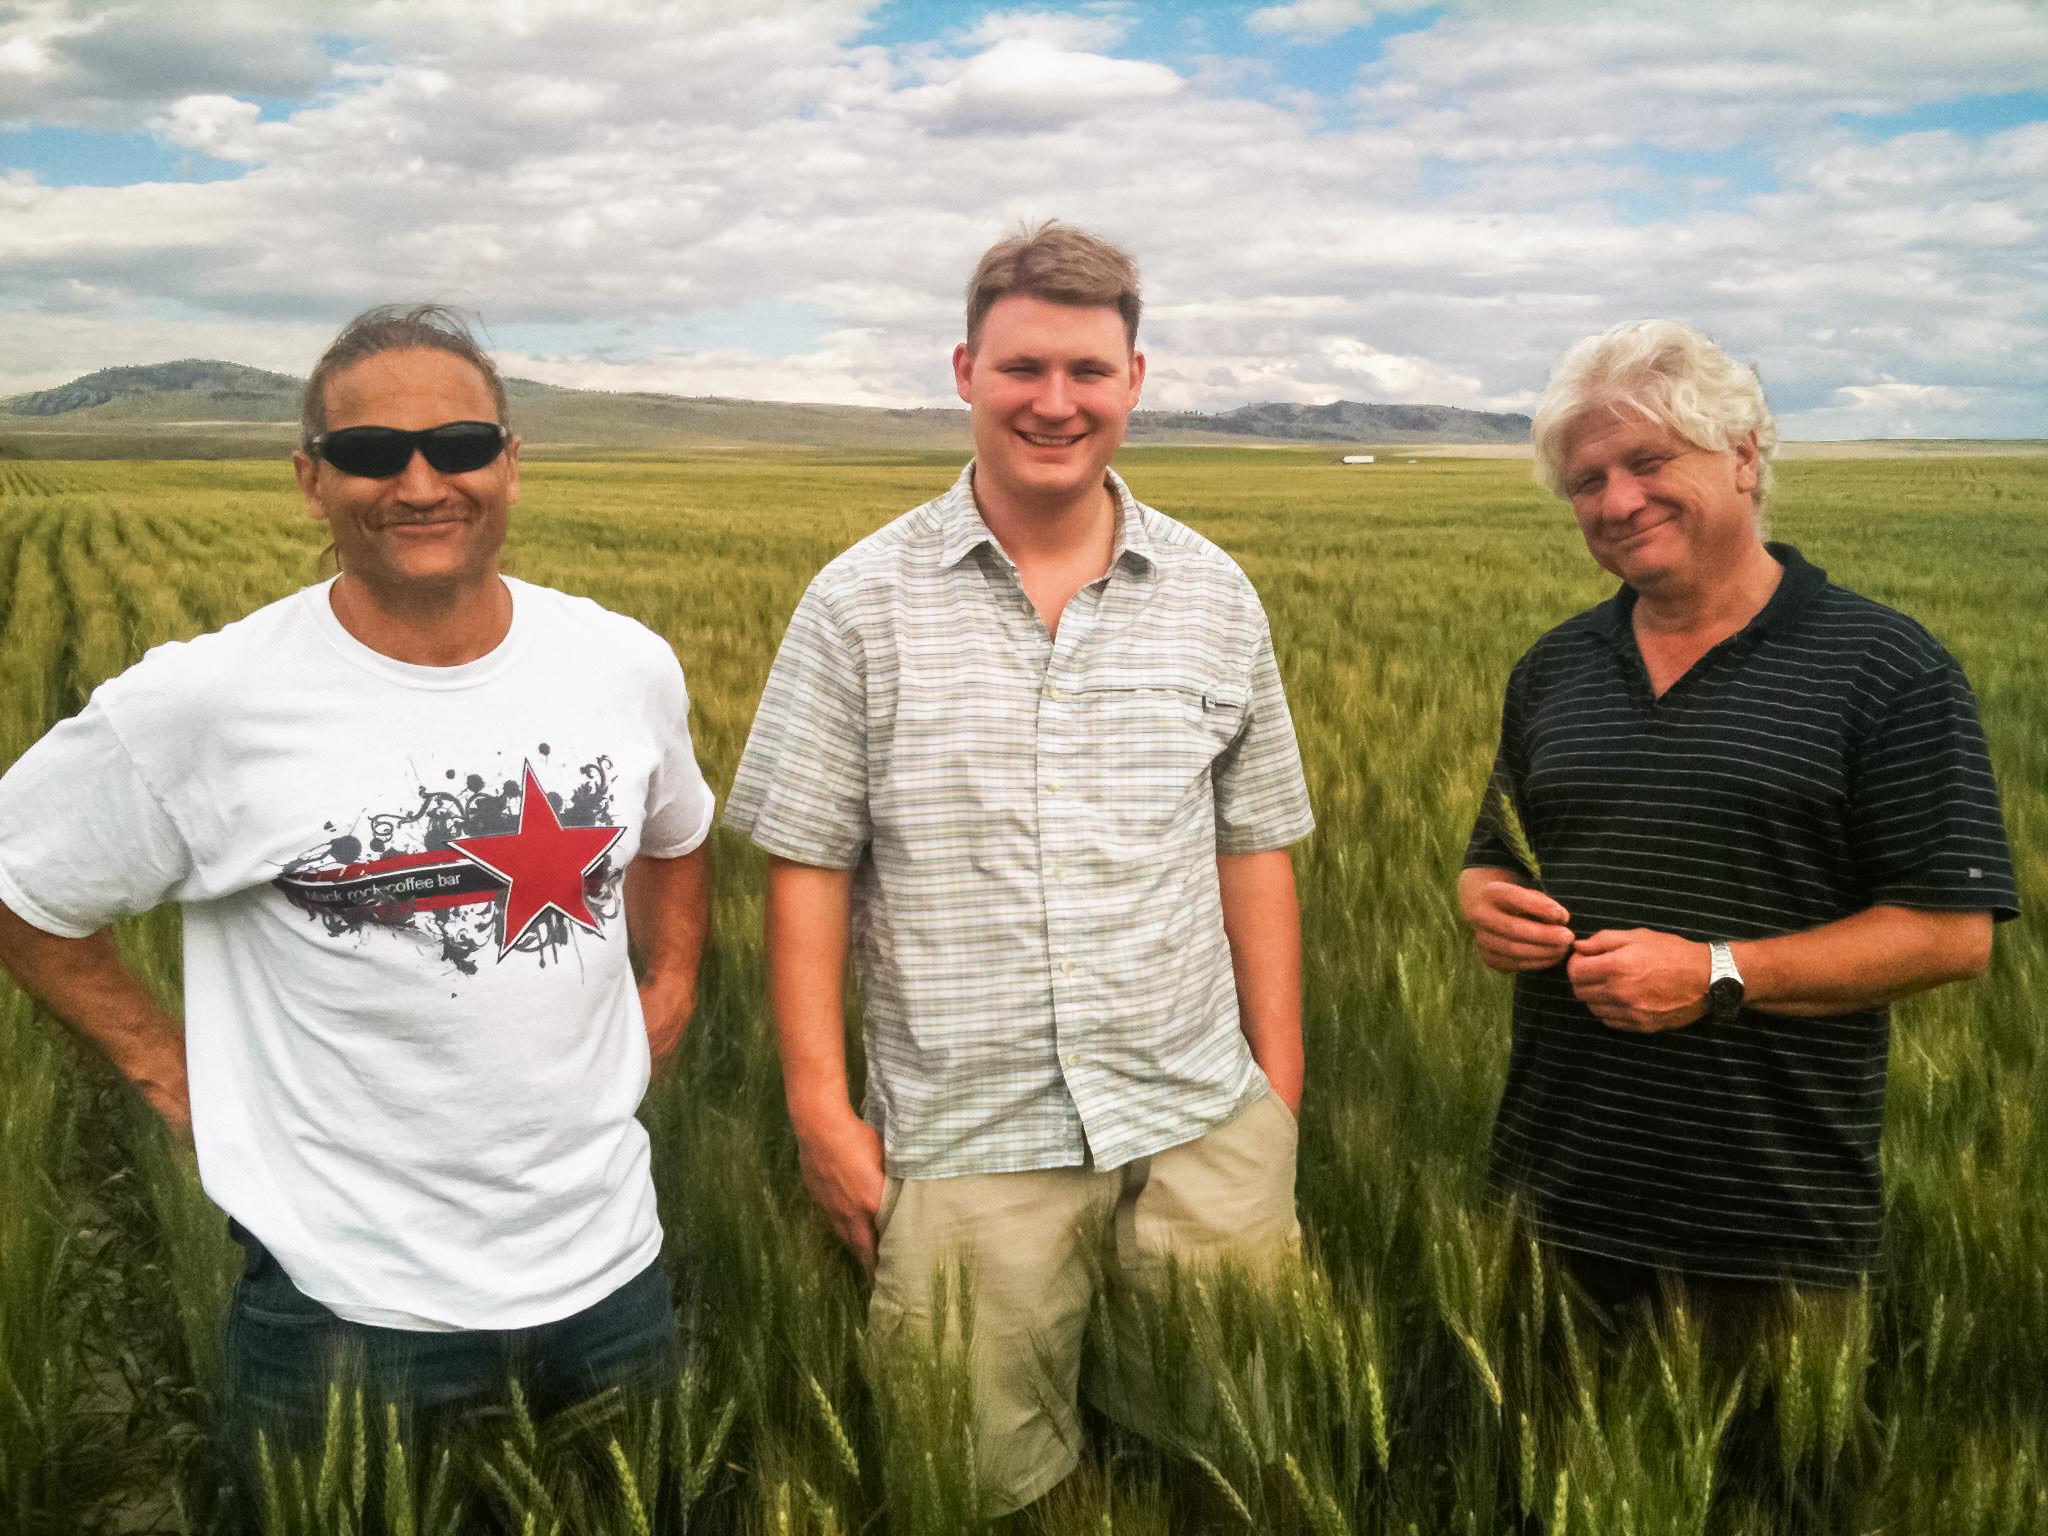 Dave's Killer Bread founders: Dave, Shobi, and Glenn Dahl